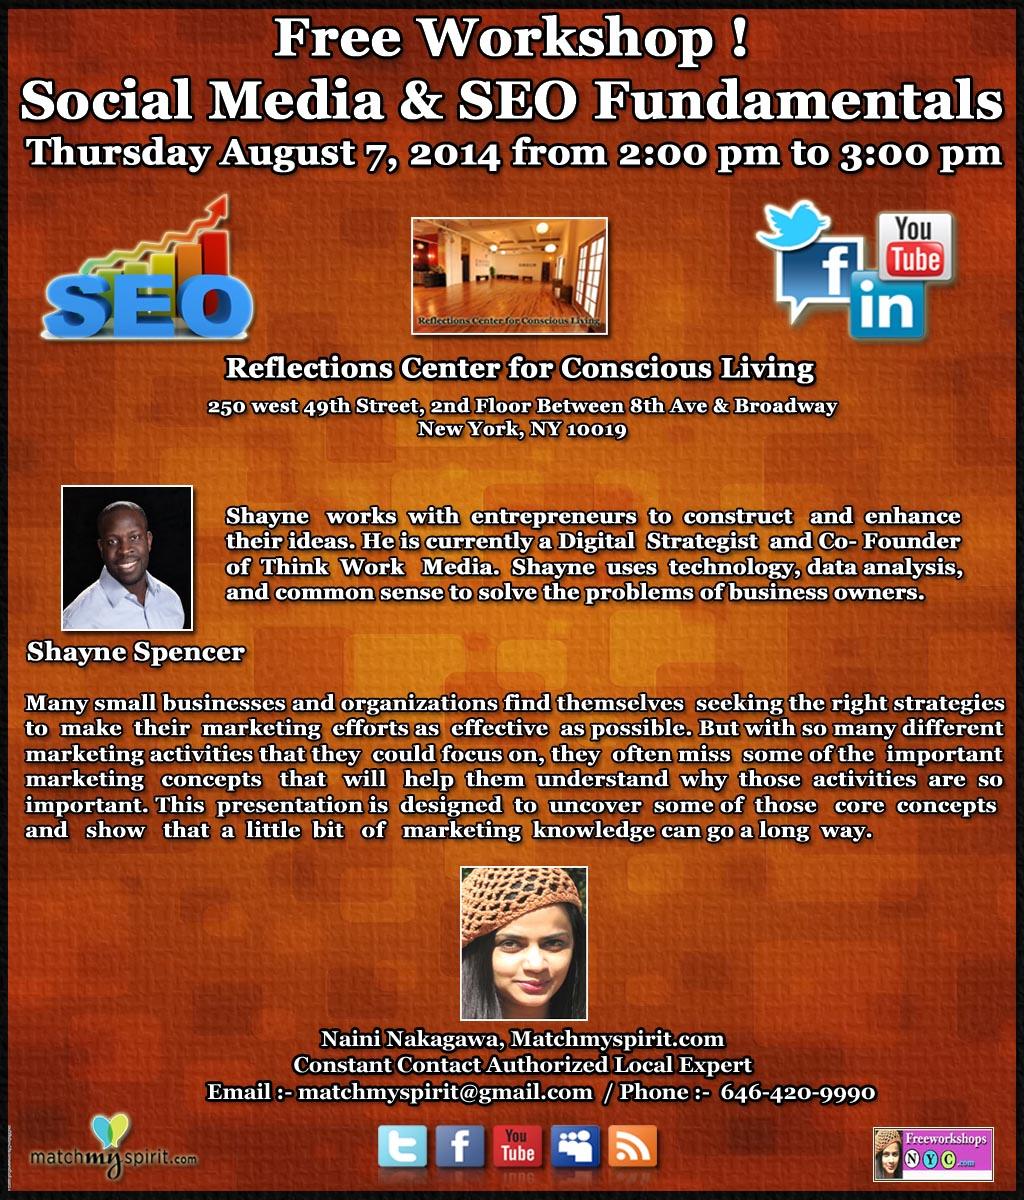 Free Workshop! Social Media & SEO Fundamentals